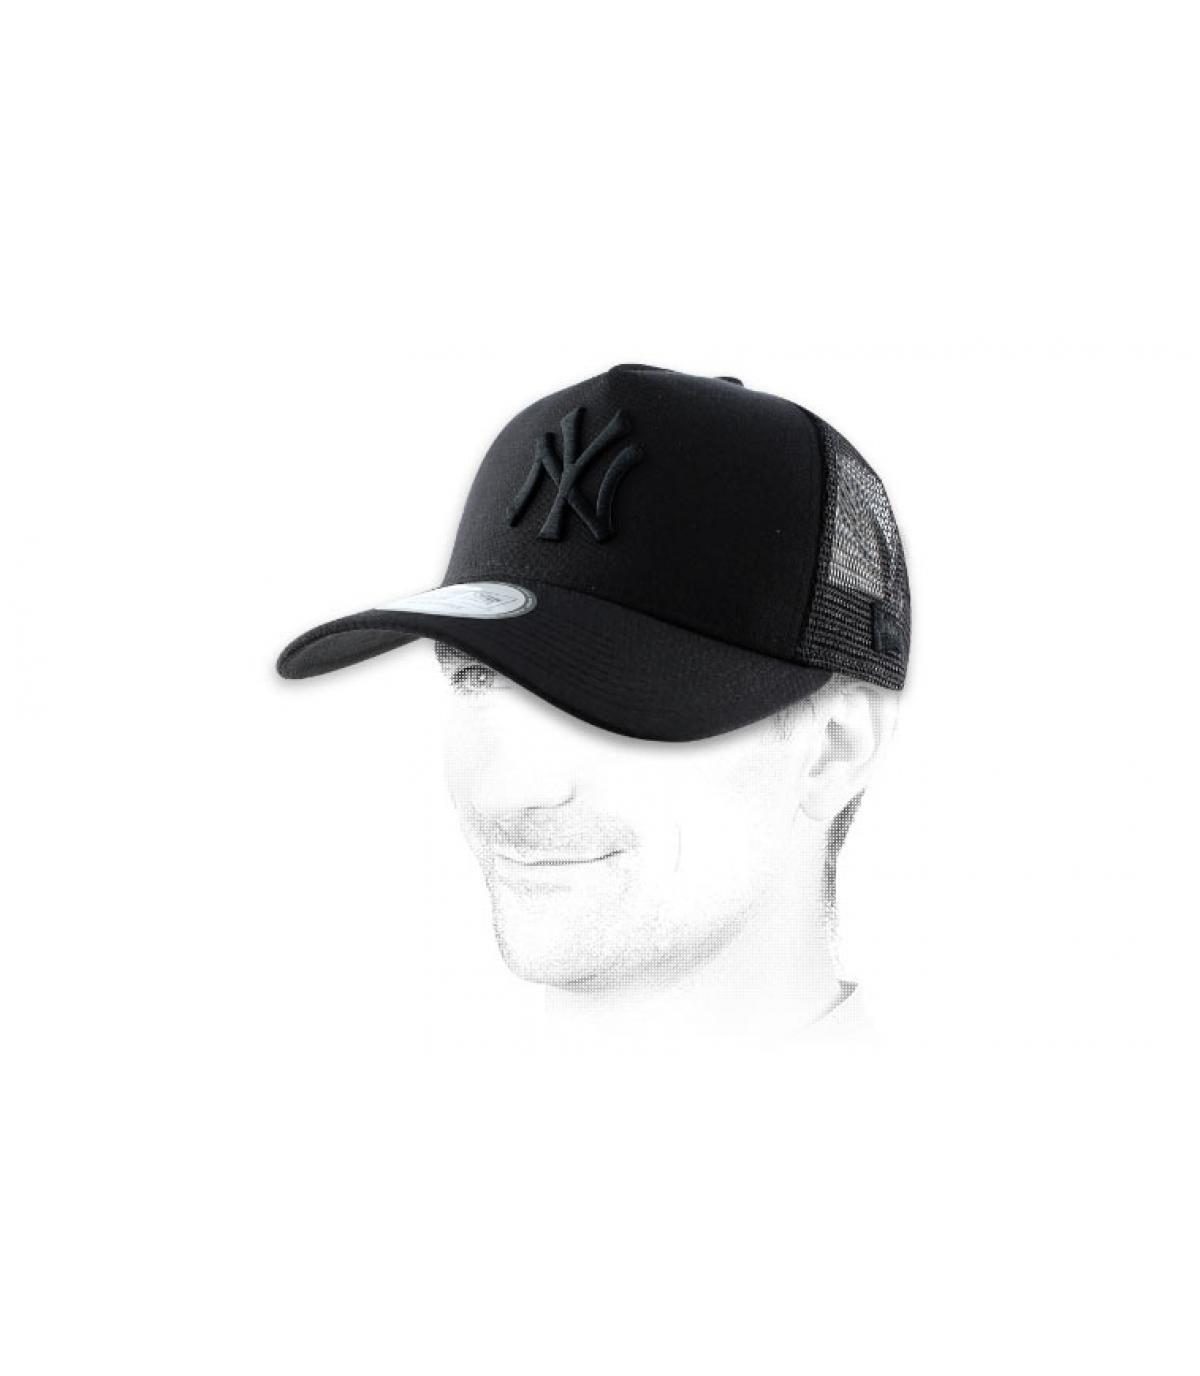 NY zwarte net cap